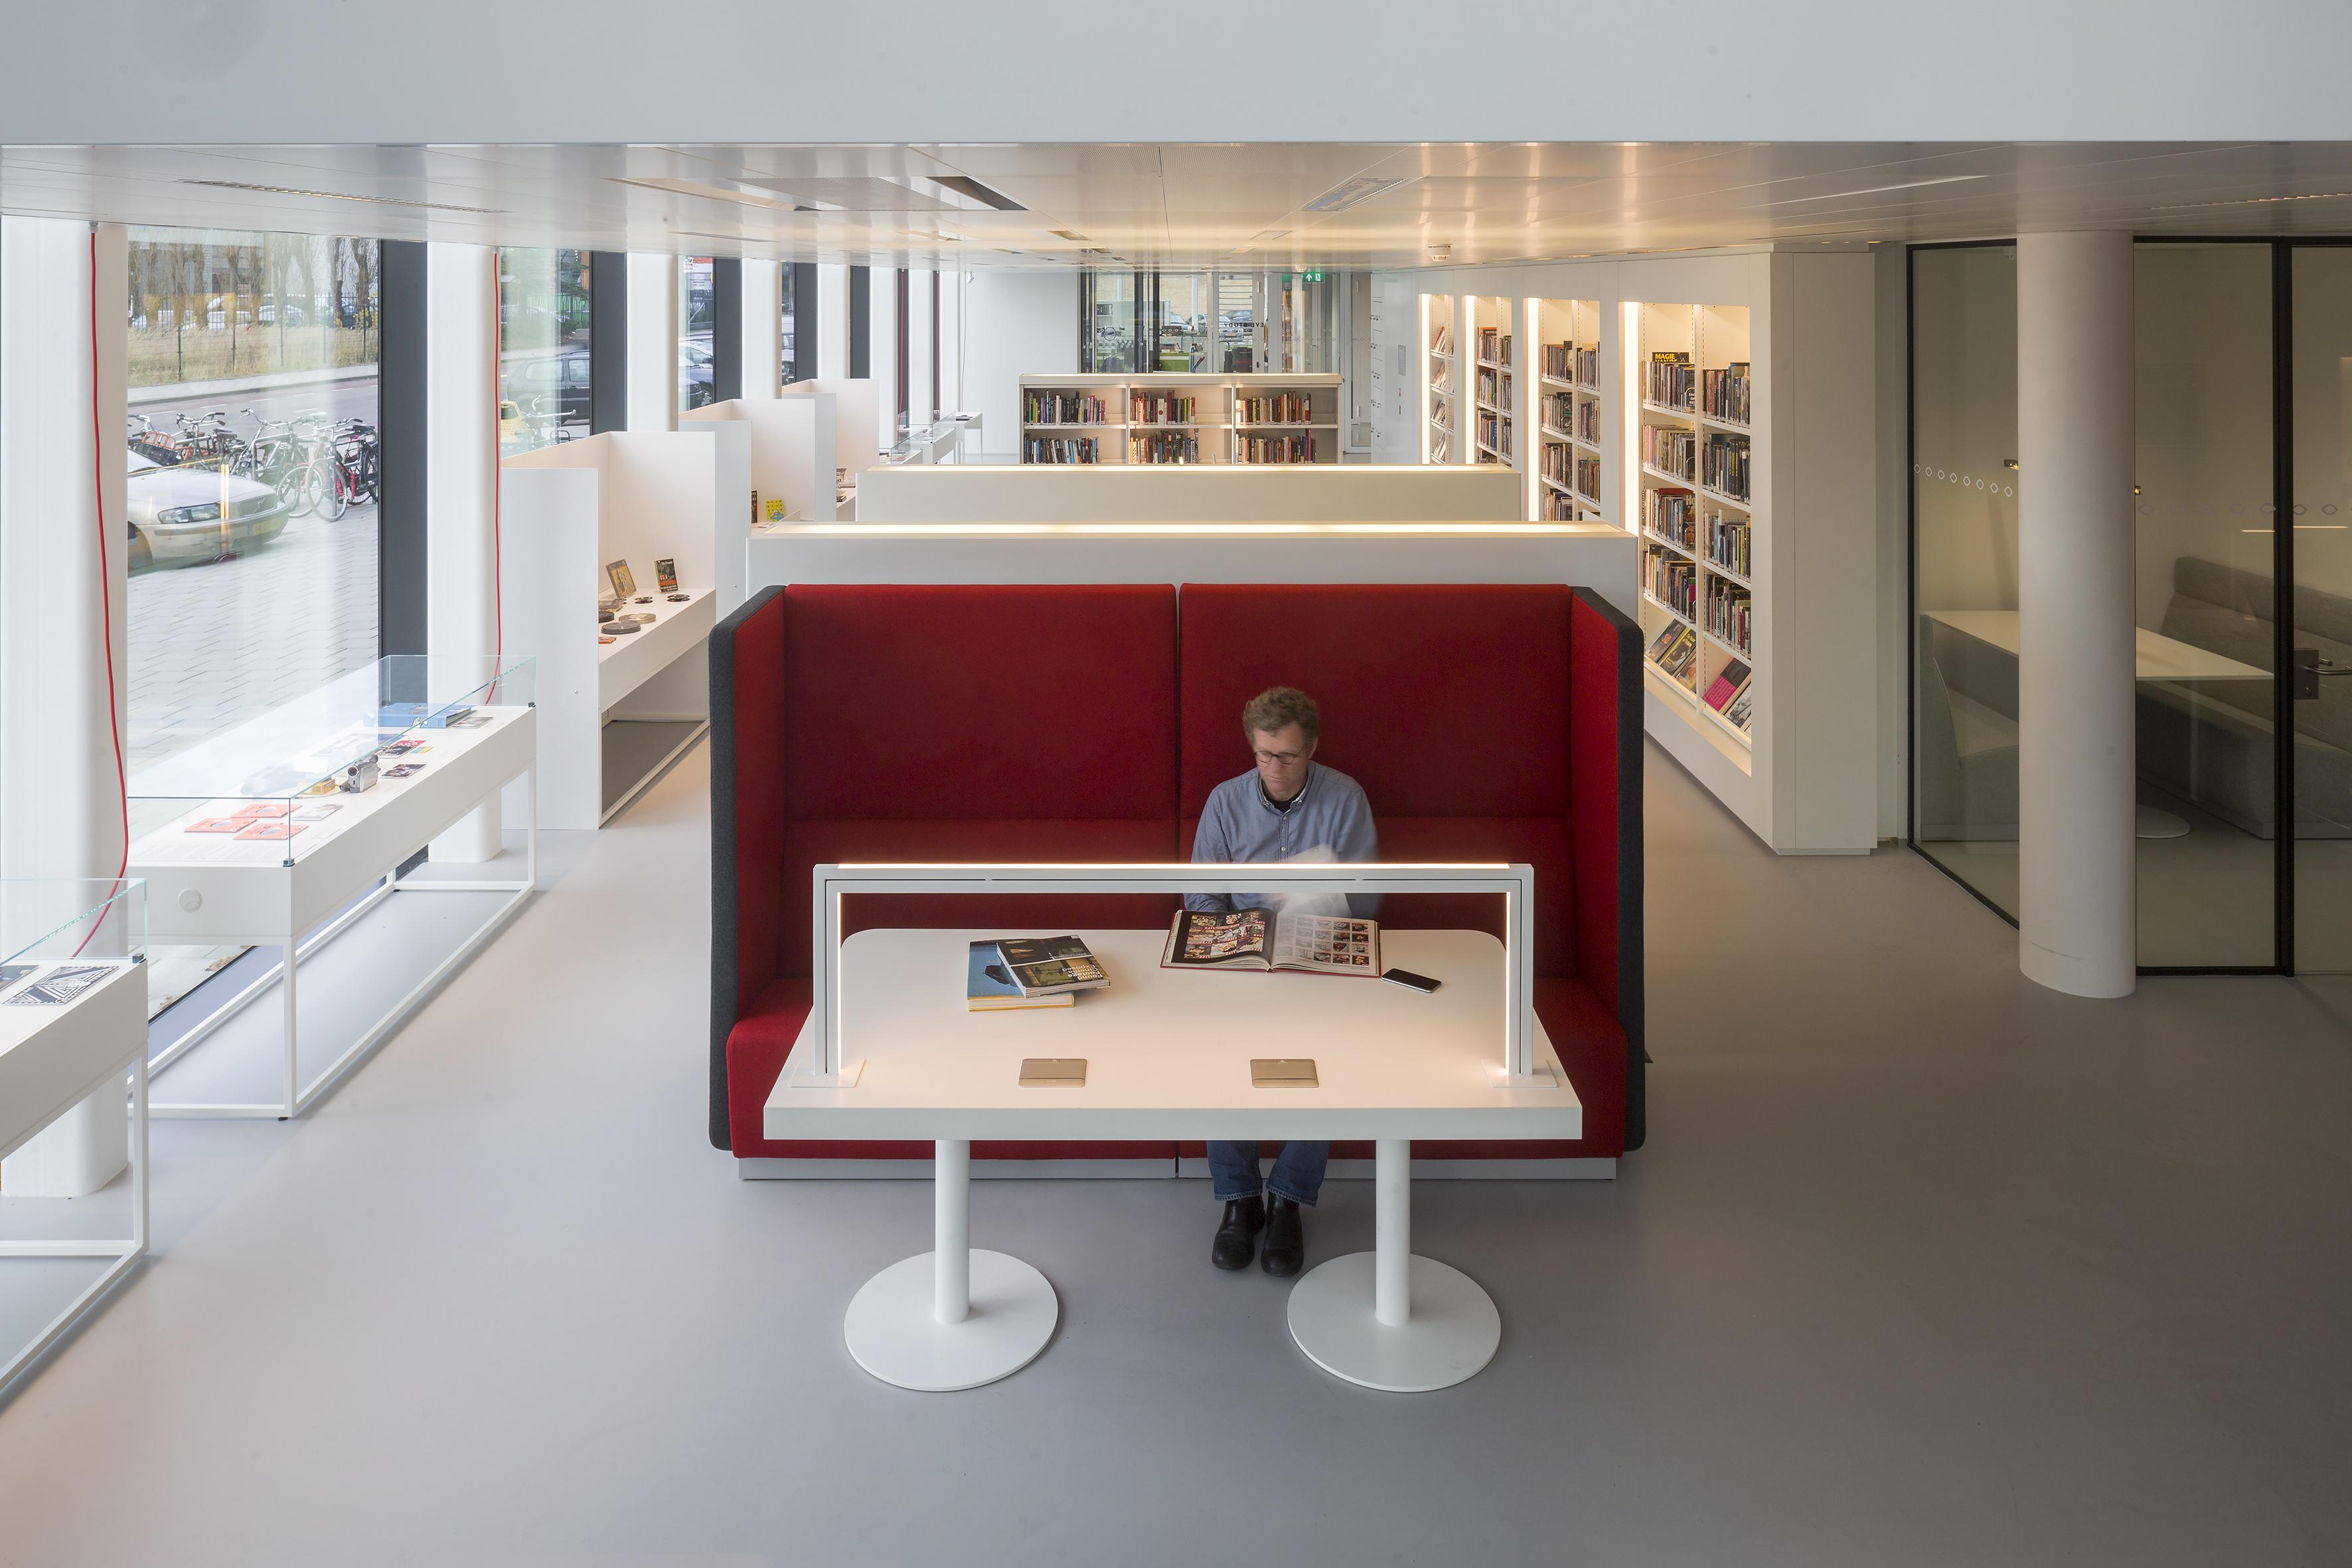 <p>Overzichtsfoto vanaf de lounge met rechts de vergaderruimte en achter de bank de scan- en kopieerfaciliteiten en daarachter de bibliotheek. Foto: Luuk Kramer</p>